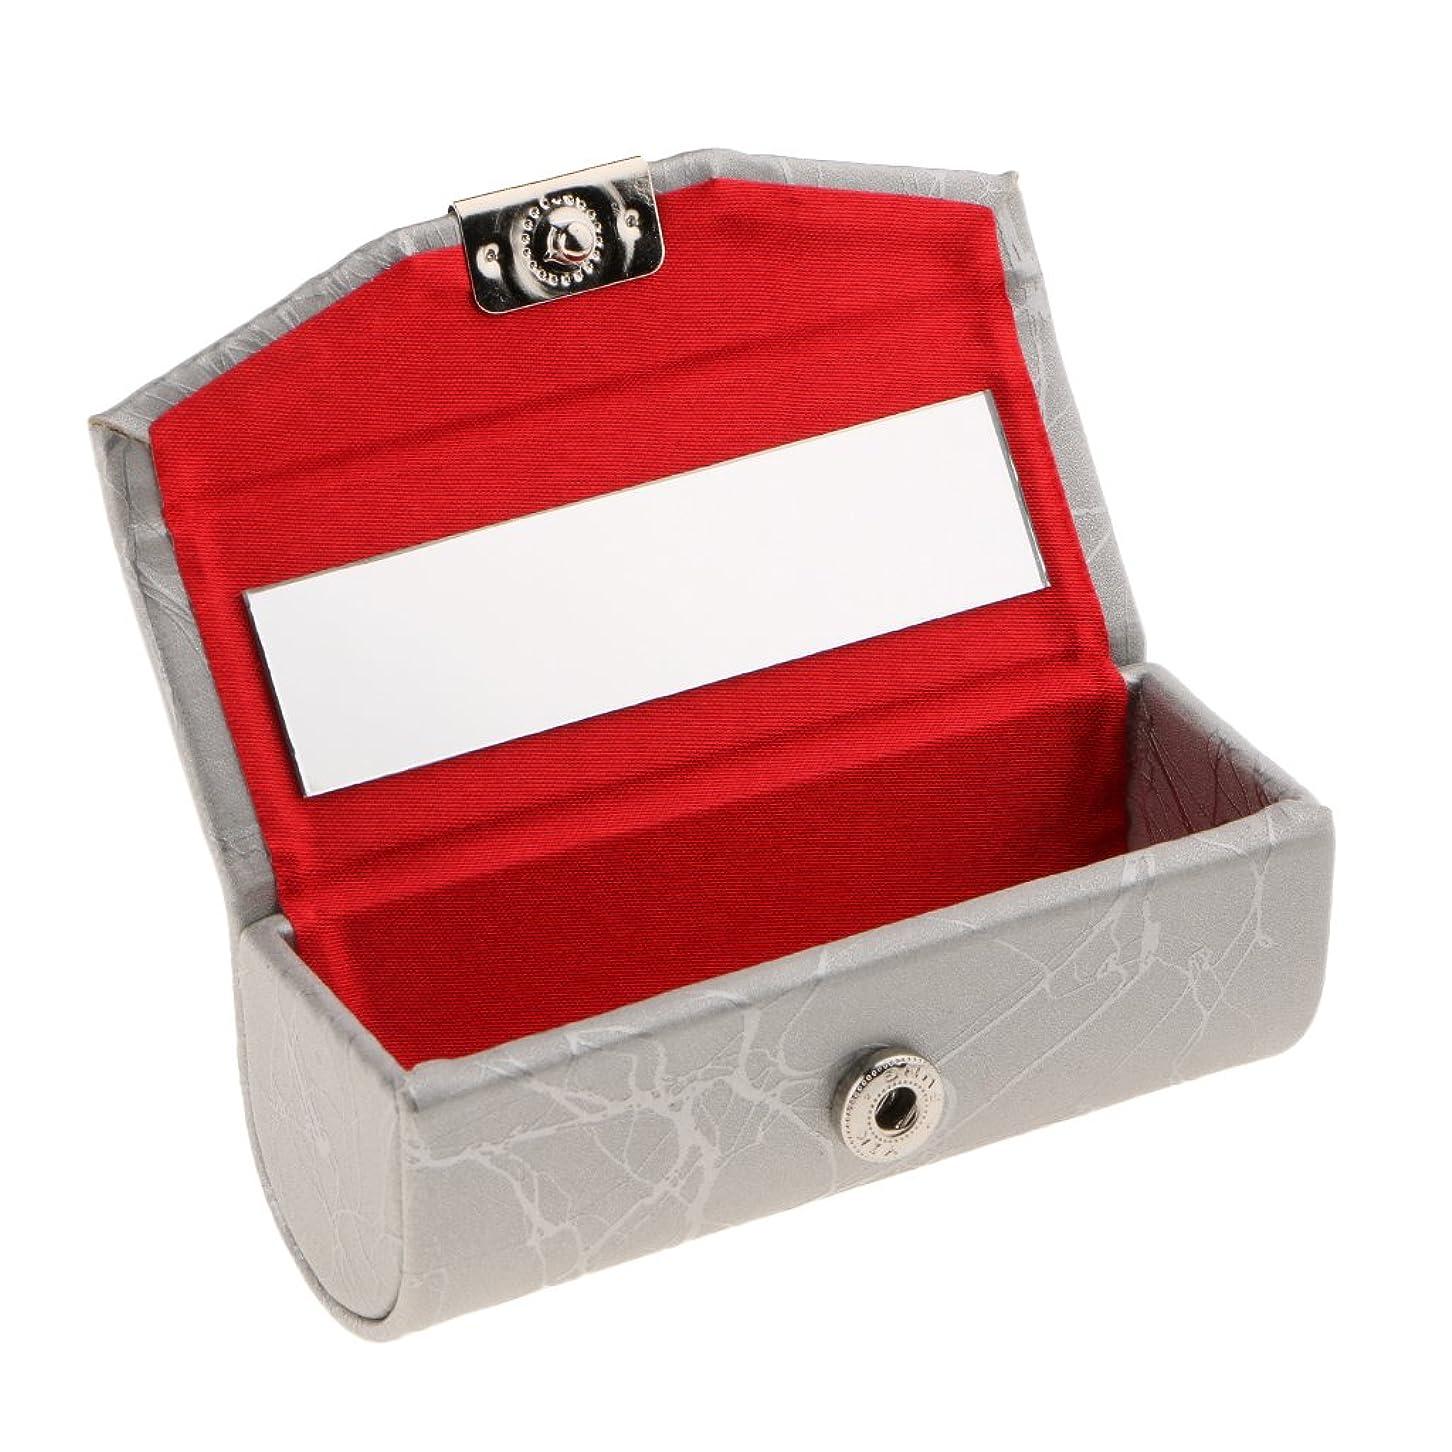 世界に死んだマウンドジョグBlesiya リップスティックケース ミラー付き レザー リップスティック リップグロスケース 収納ボックス メイクホルダー 多色選べる - 銀